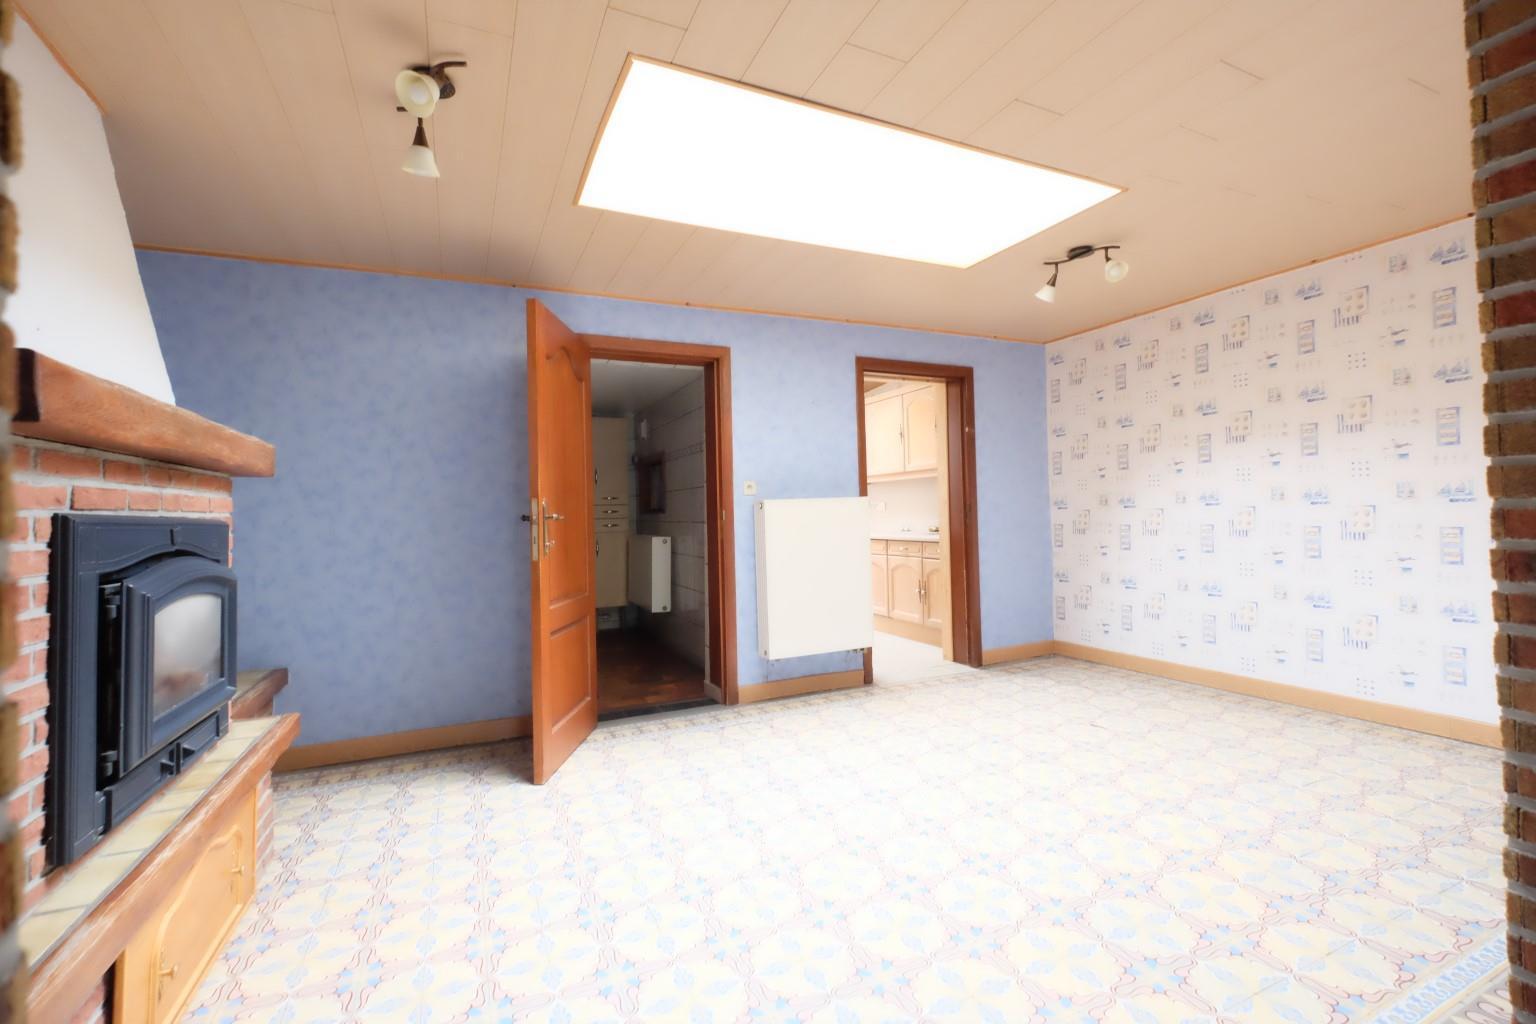 Maison - Braine-le-Comte - #3918356-2